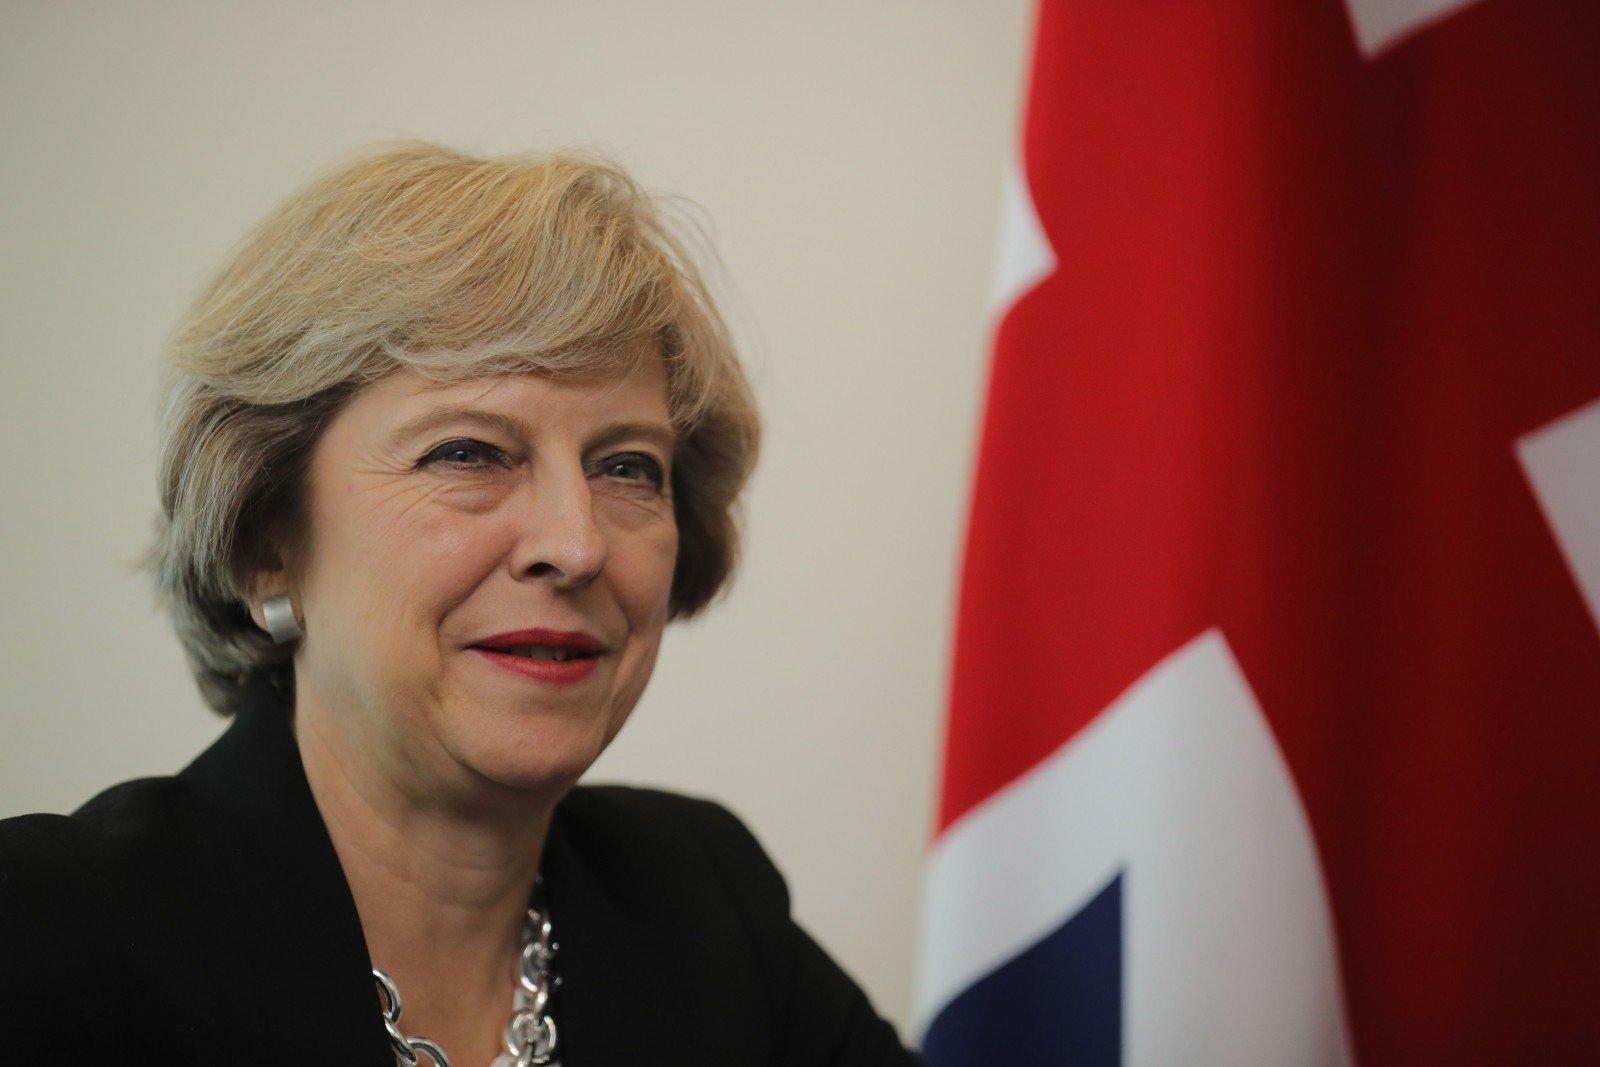 Тереза Мэй проинформировала о дате провозглашения стратегии Brexit